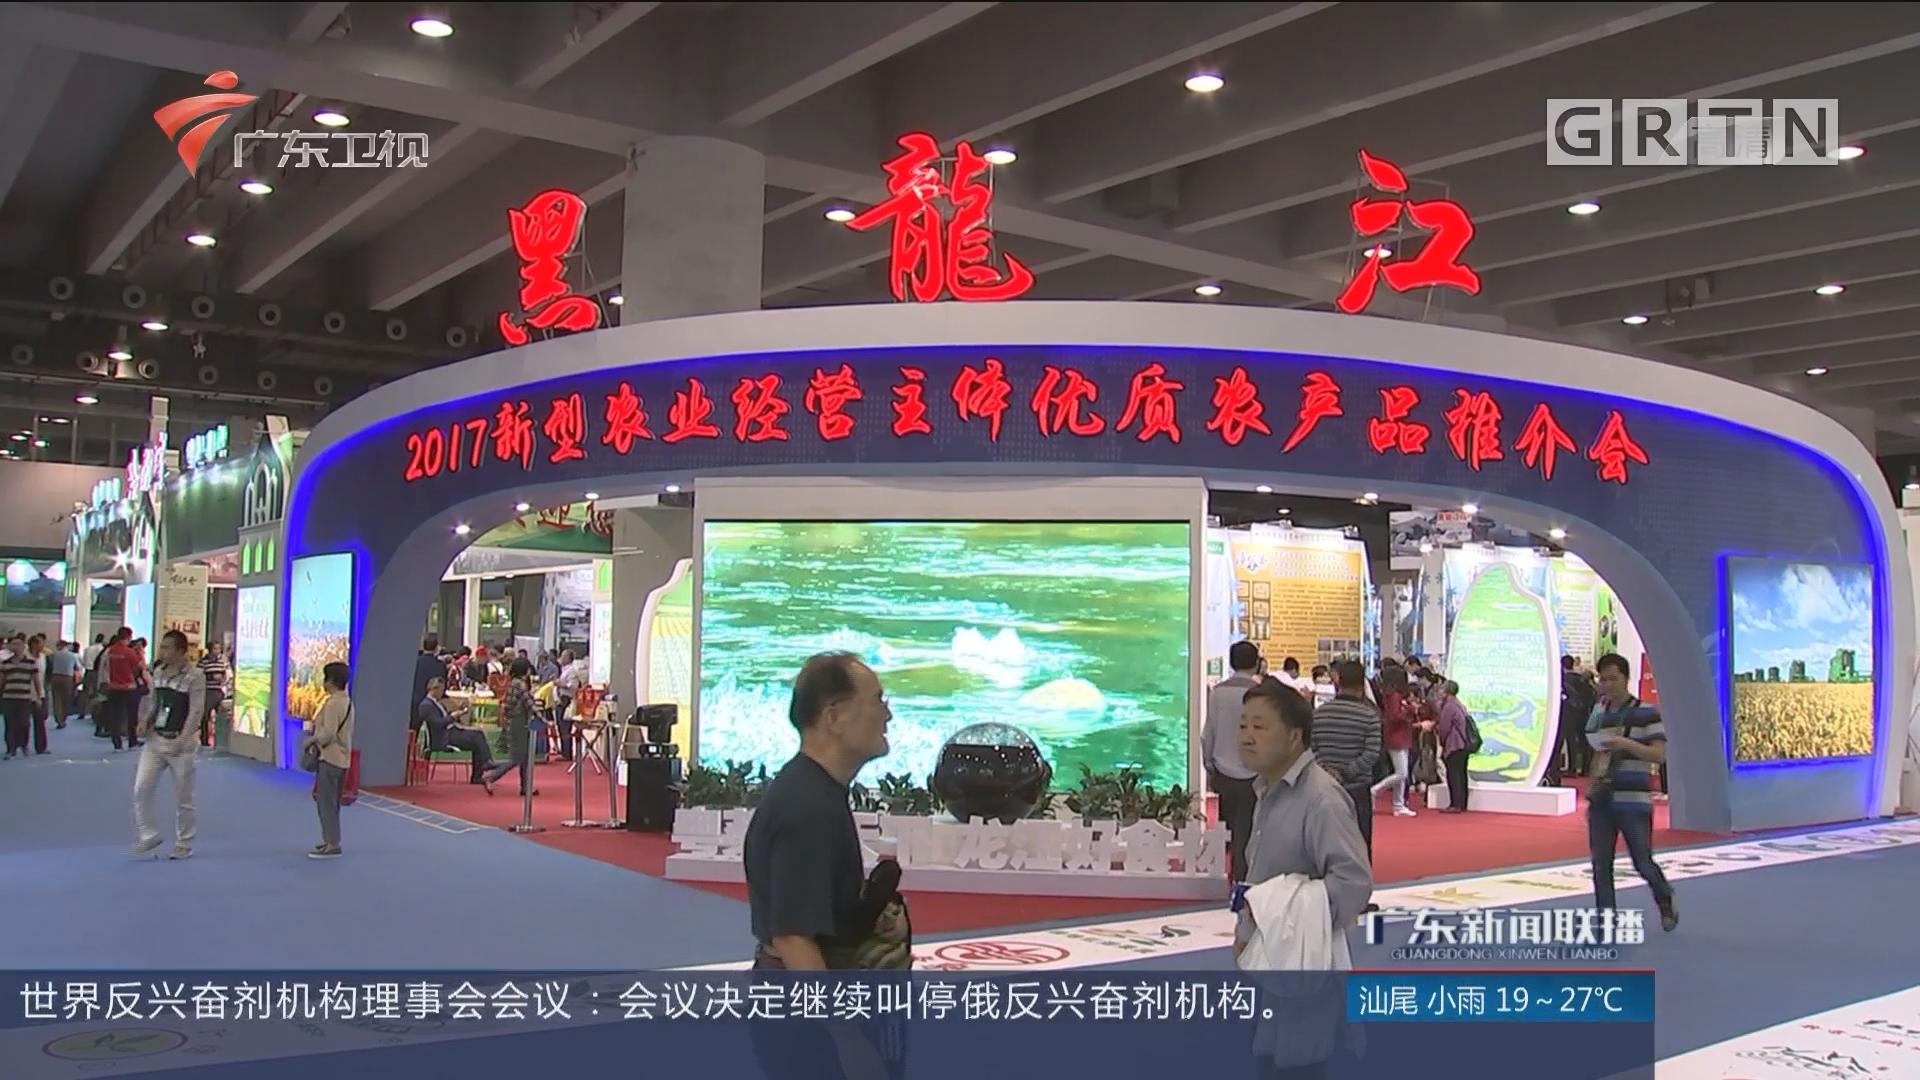 农博会:广东黑龙江两省企业签订意向金额近5亿元